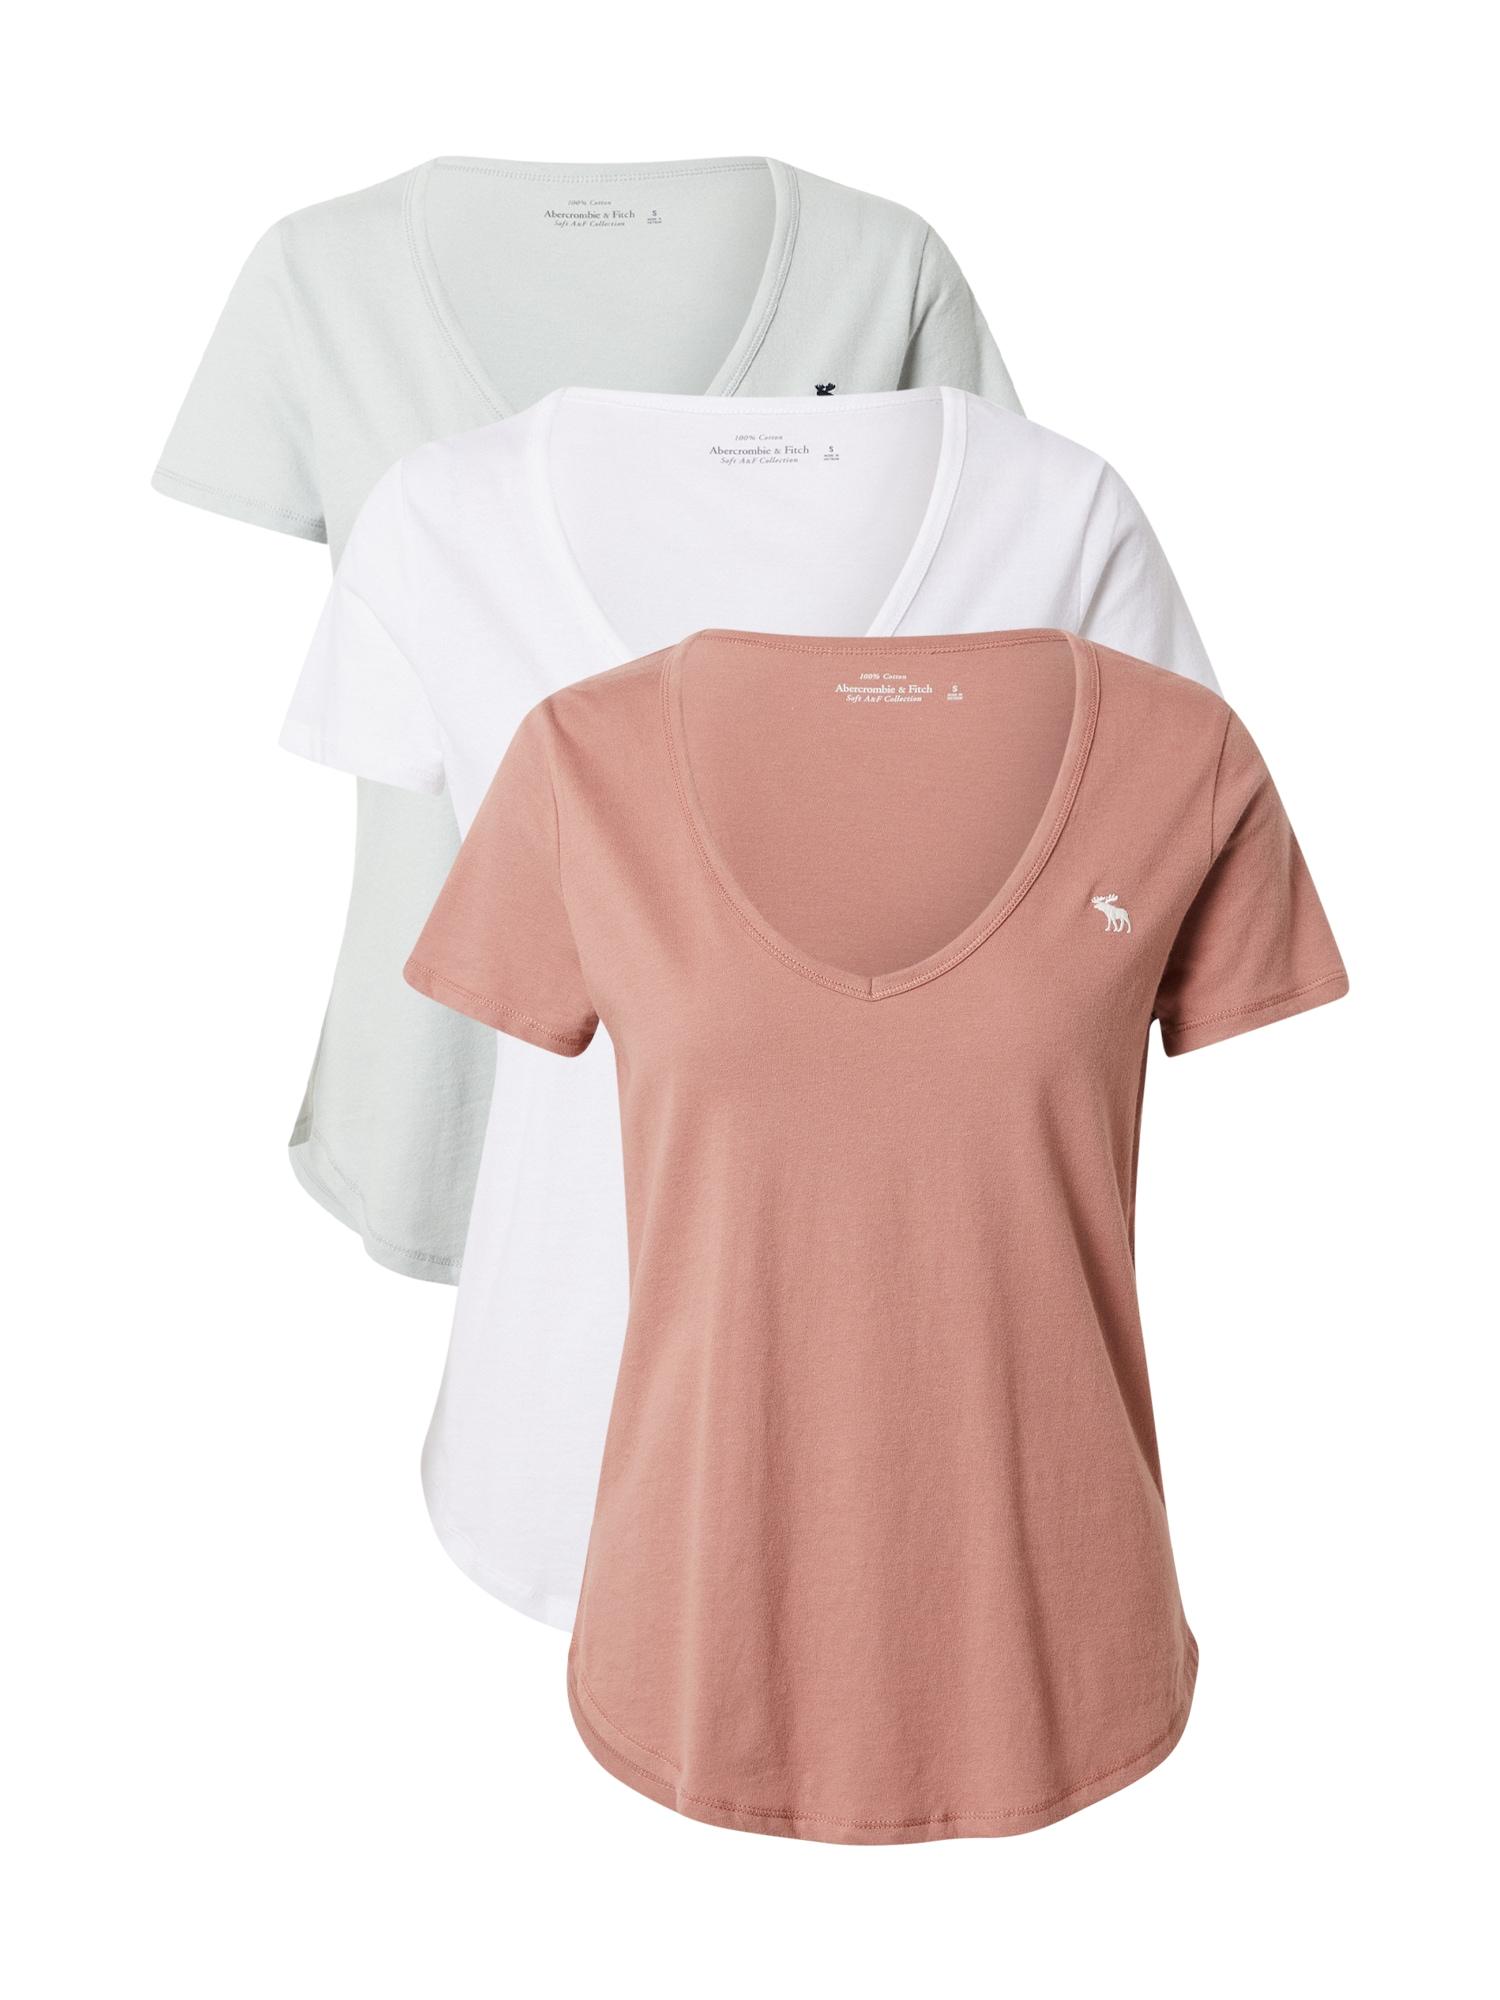 Abercrombie & Fitch Marškinėliai balta / ryškiai rožinė spalva / pastelinė žalia